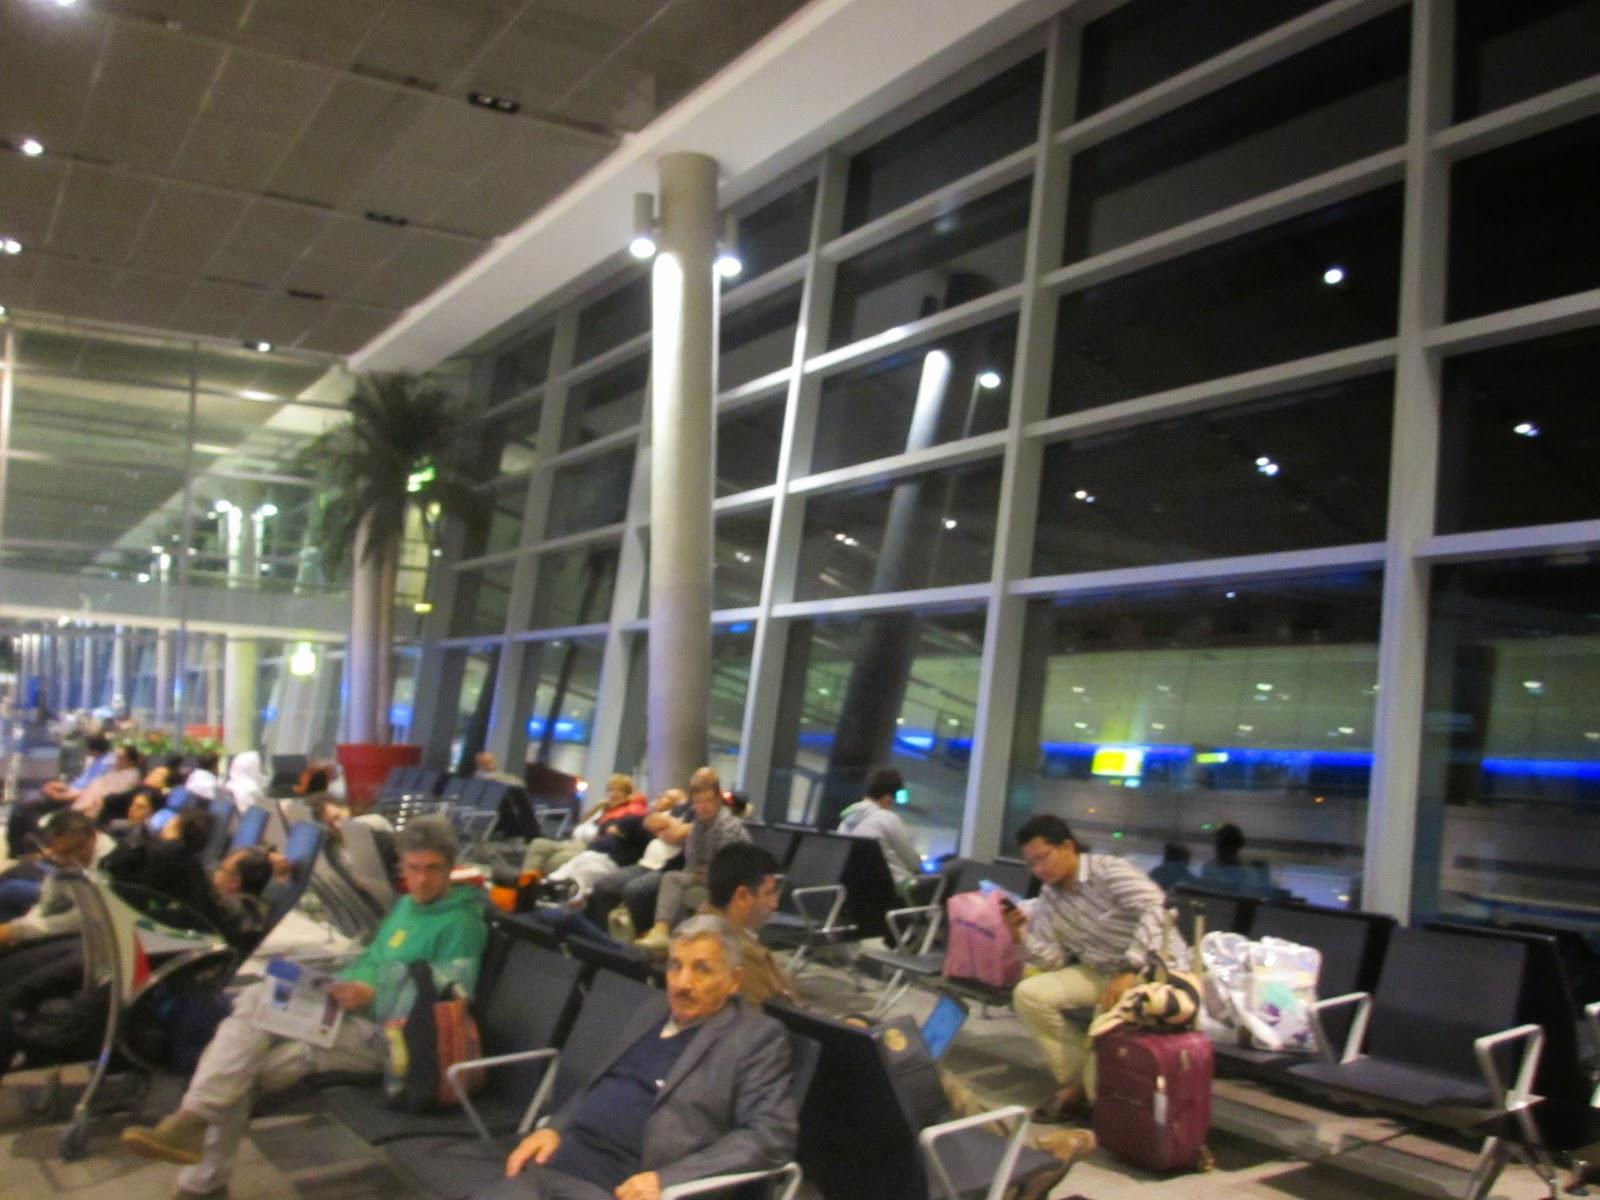 Travel Paket Umroh 2015 Bandung Terbaik dan Terpercaya